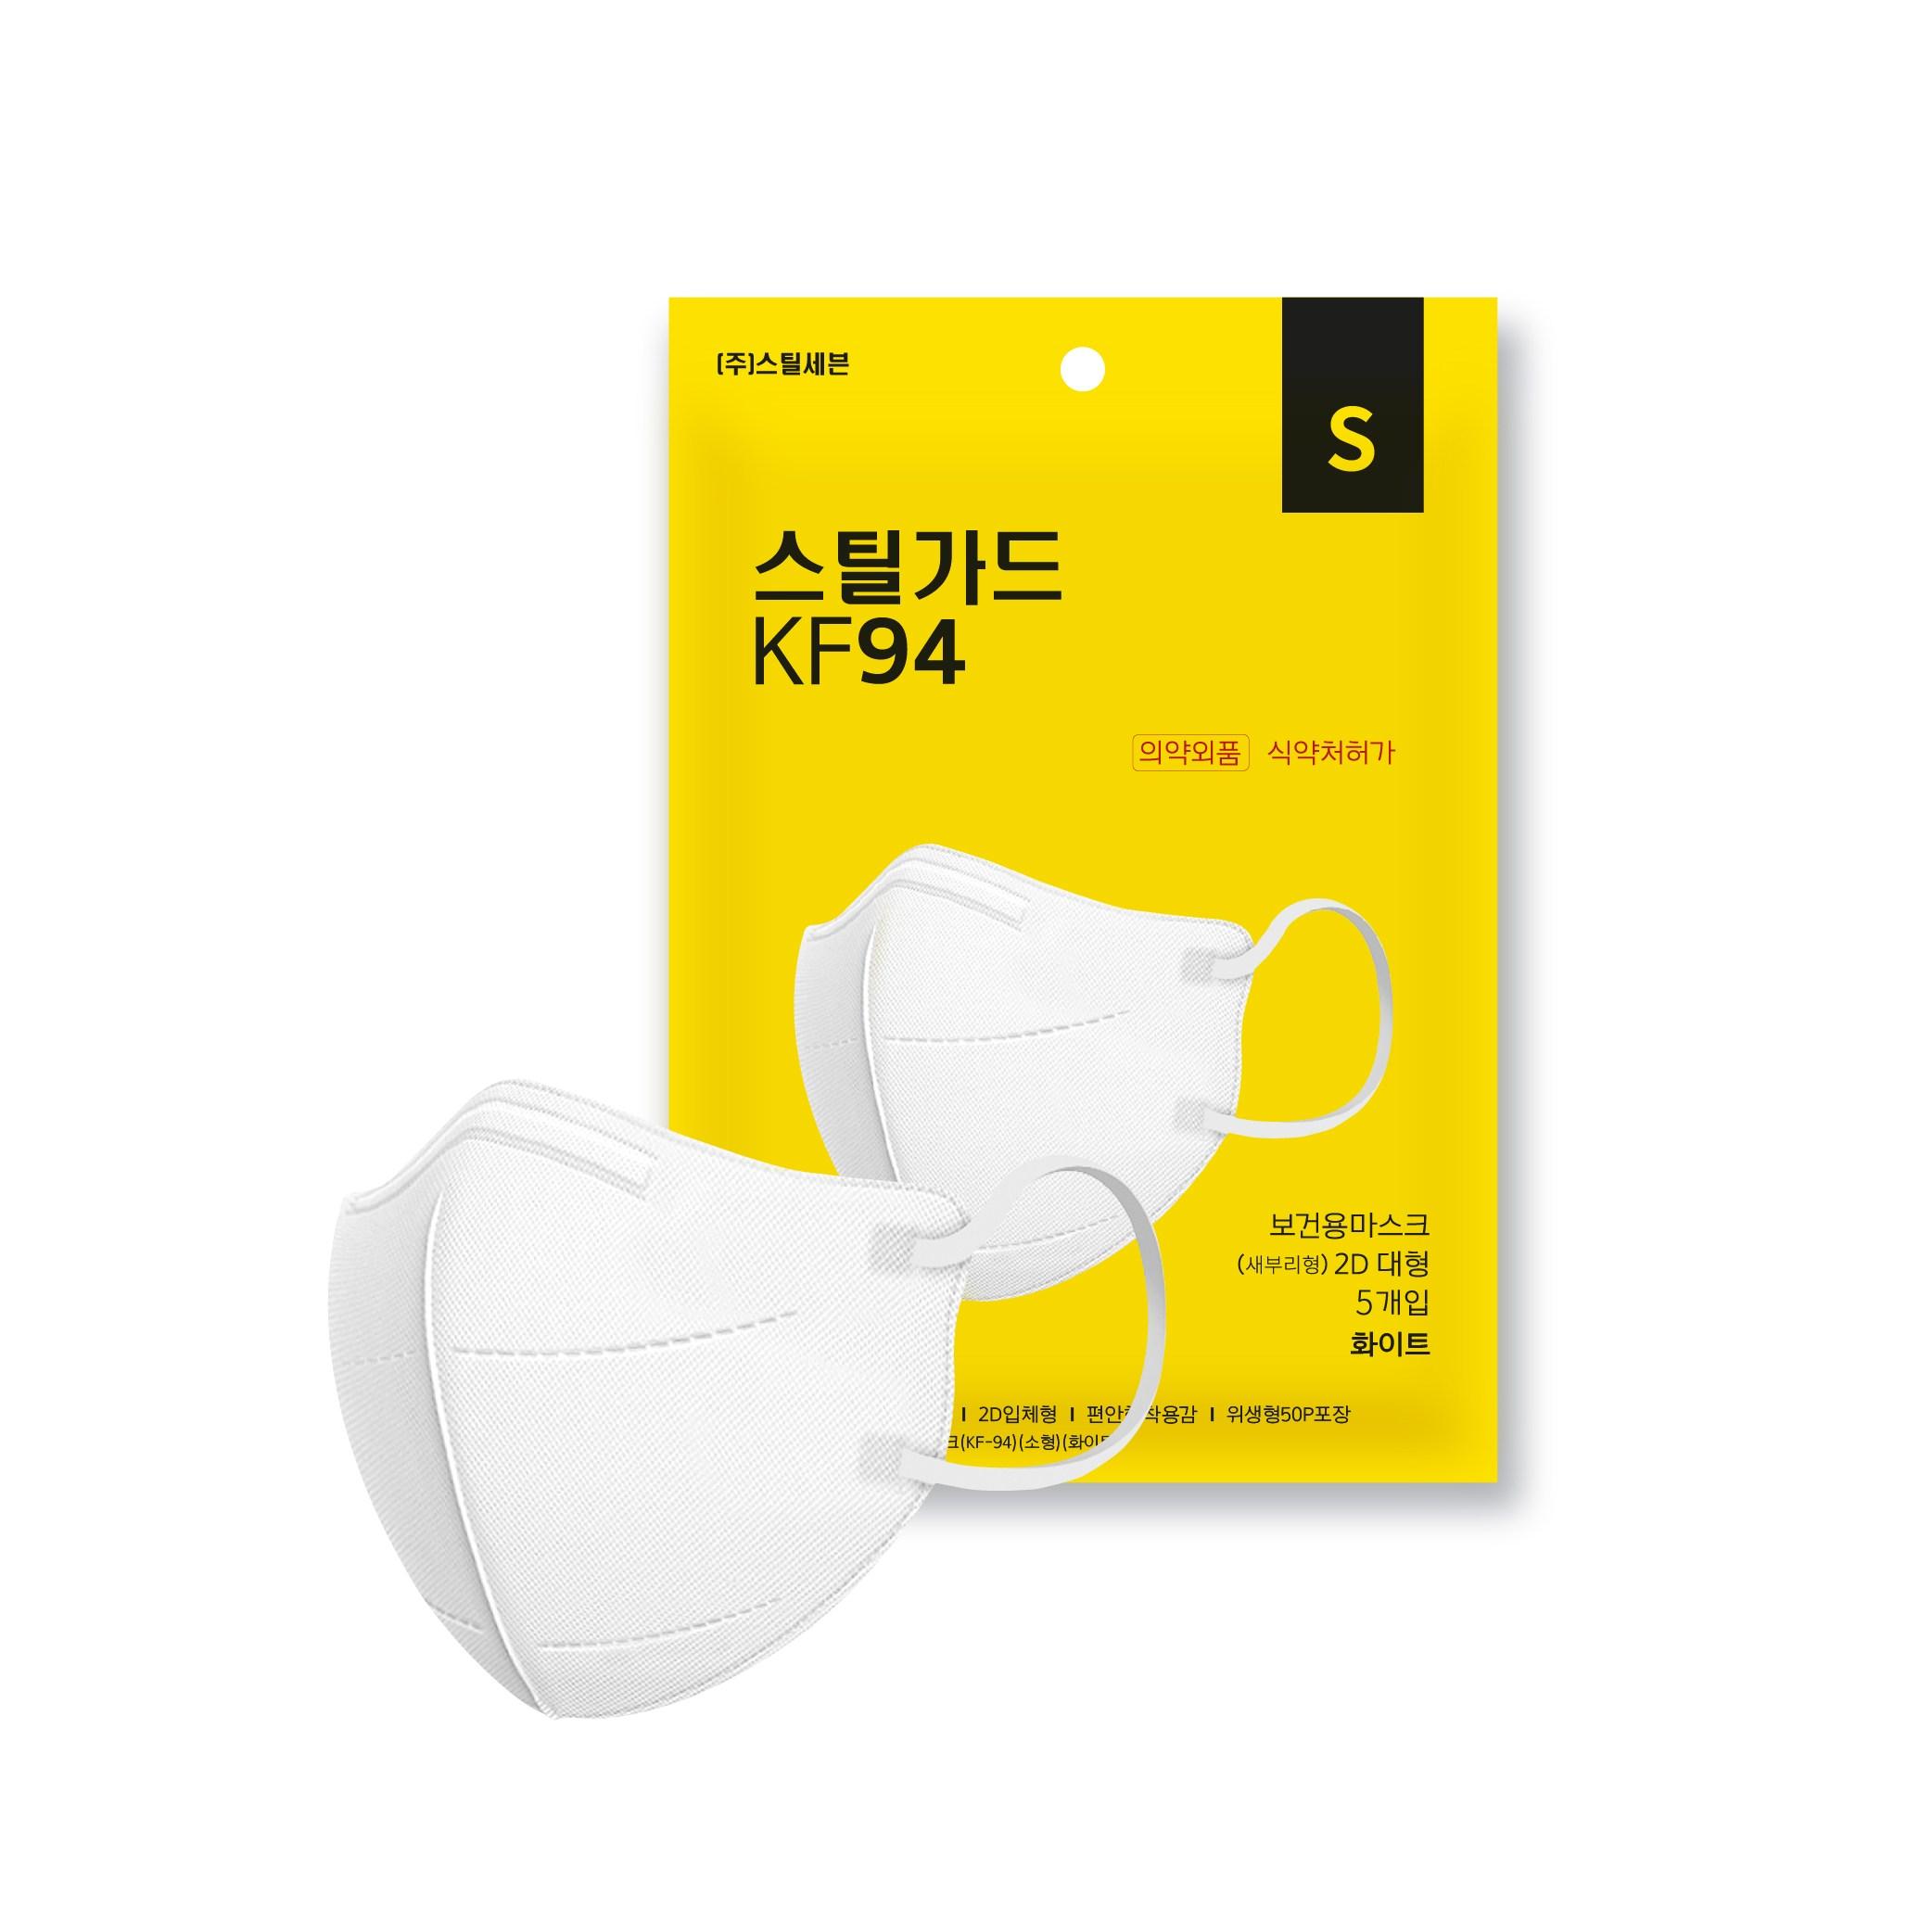 스틸가드 KF94 국산 소형 마스크 화이트 100매입 새부리형 어린이 초등학생 키즈 (POP 5683928604)